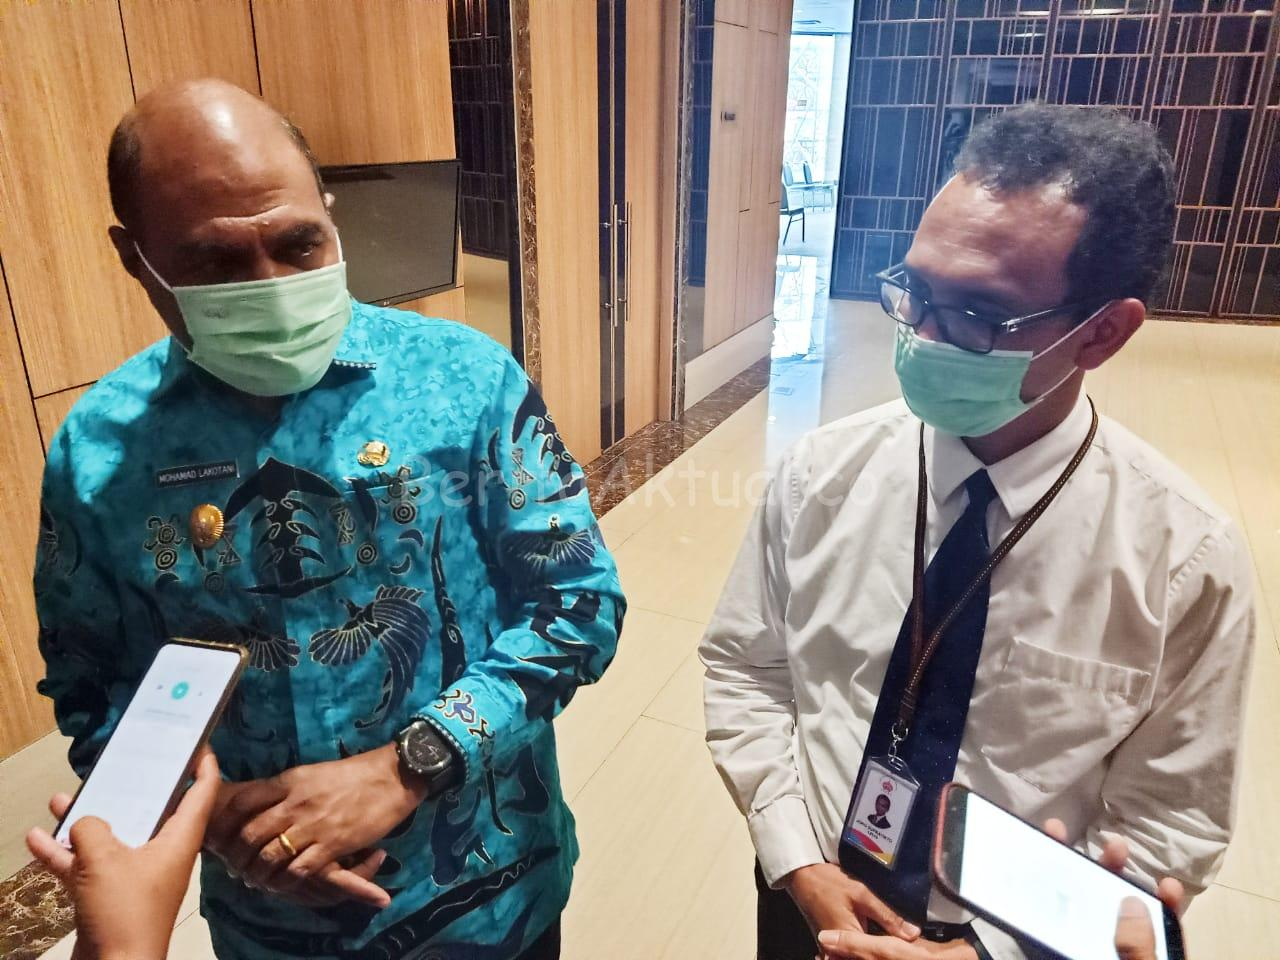 Wagub PB: Kita di Papua Barat Kurang Pasokan Bawang Merah Dan Bawang Putih 4 IMG 20200625 WA0019